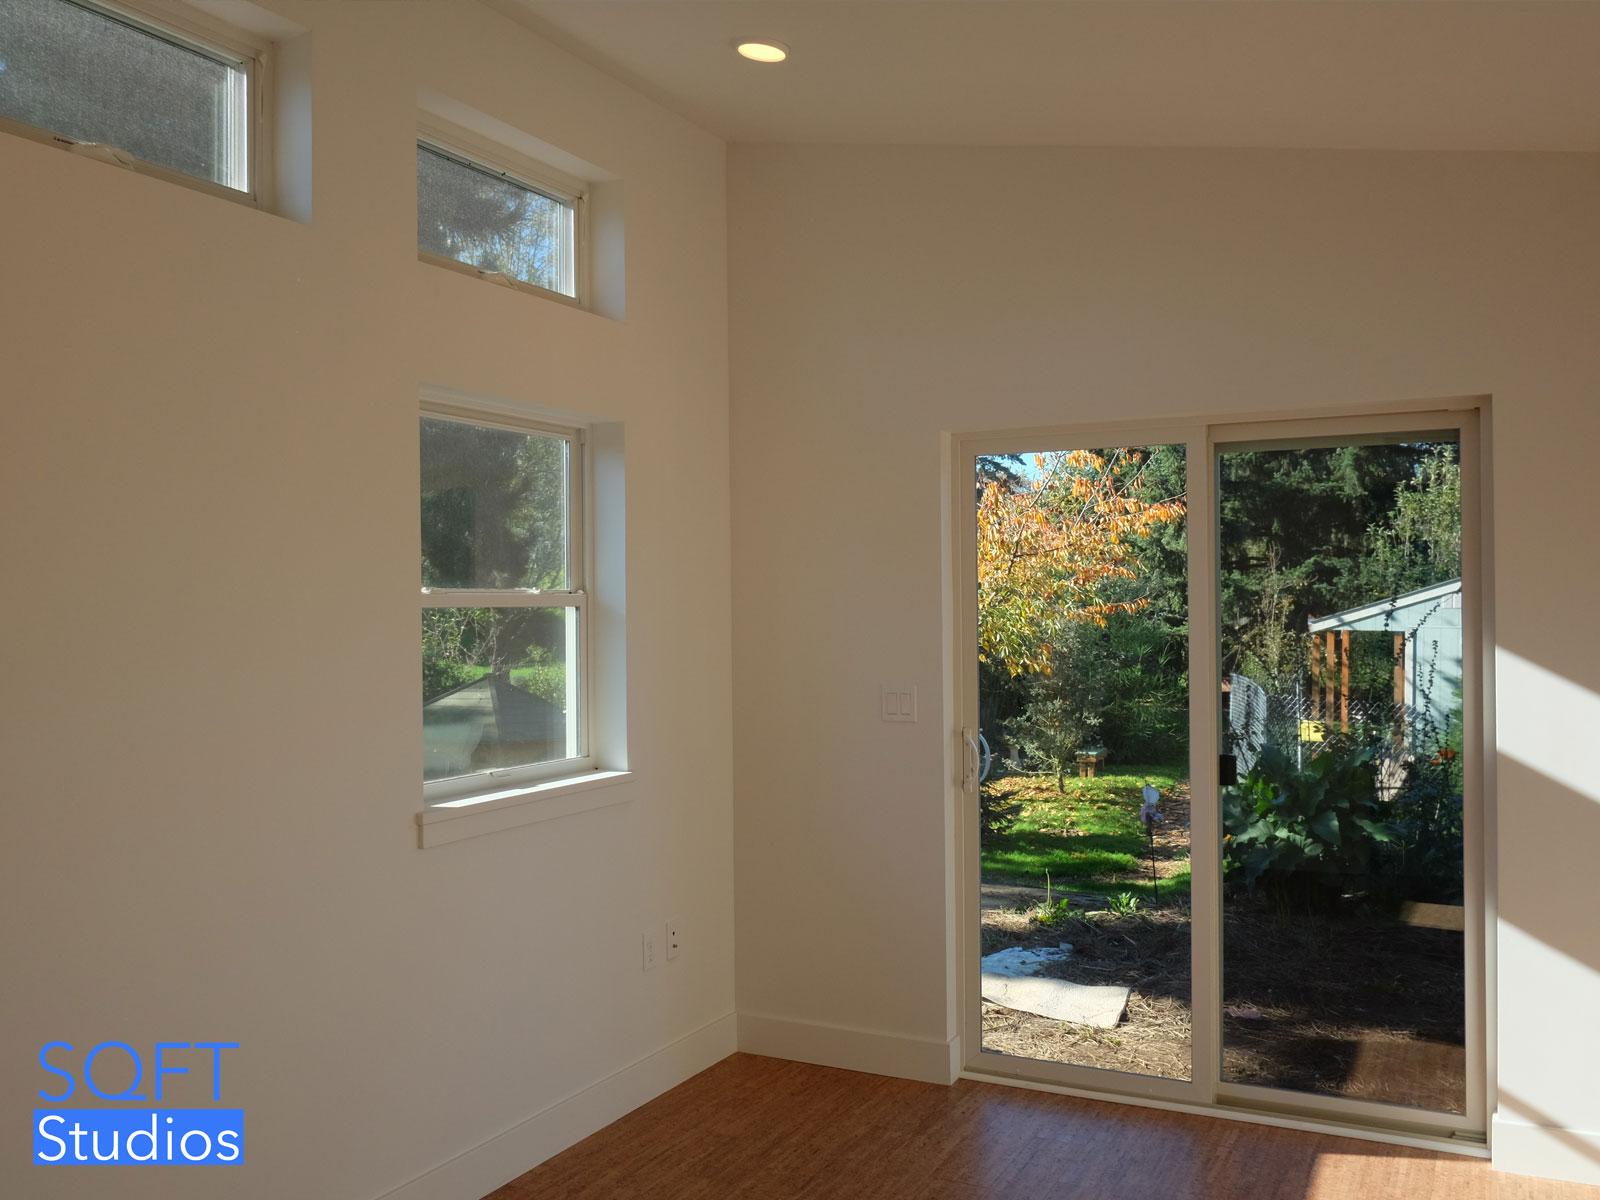 SQFT Studios Guest Suite Interior Photo